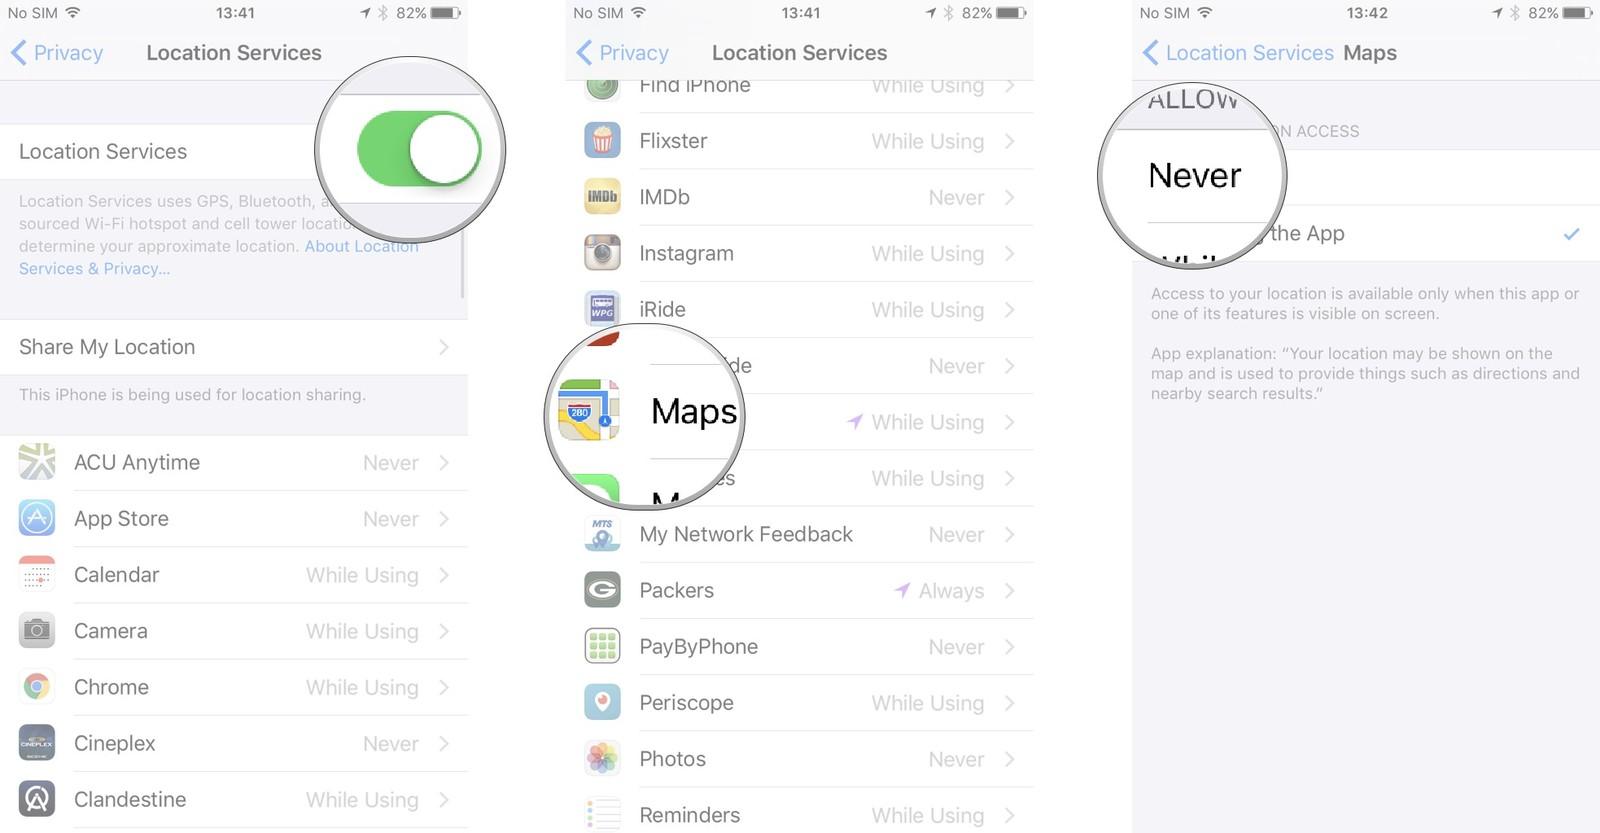 Как пользоваться Картами на iPhone и iPad - Как пользоваться Картами на iPhone и iPad - Вкл-выкл отслеживания местоположения